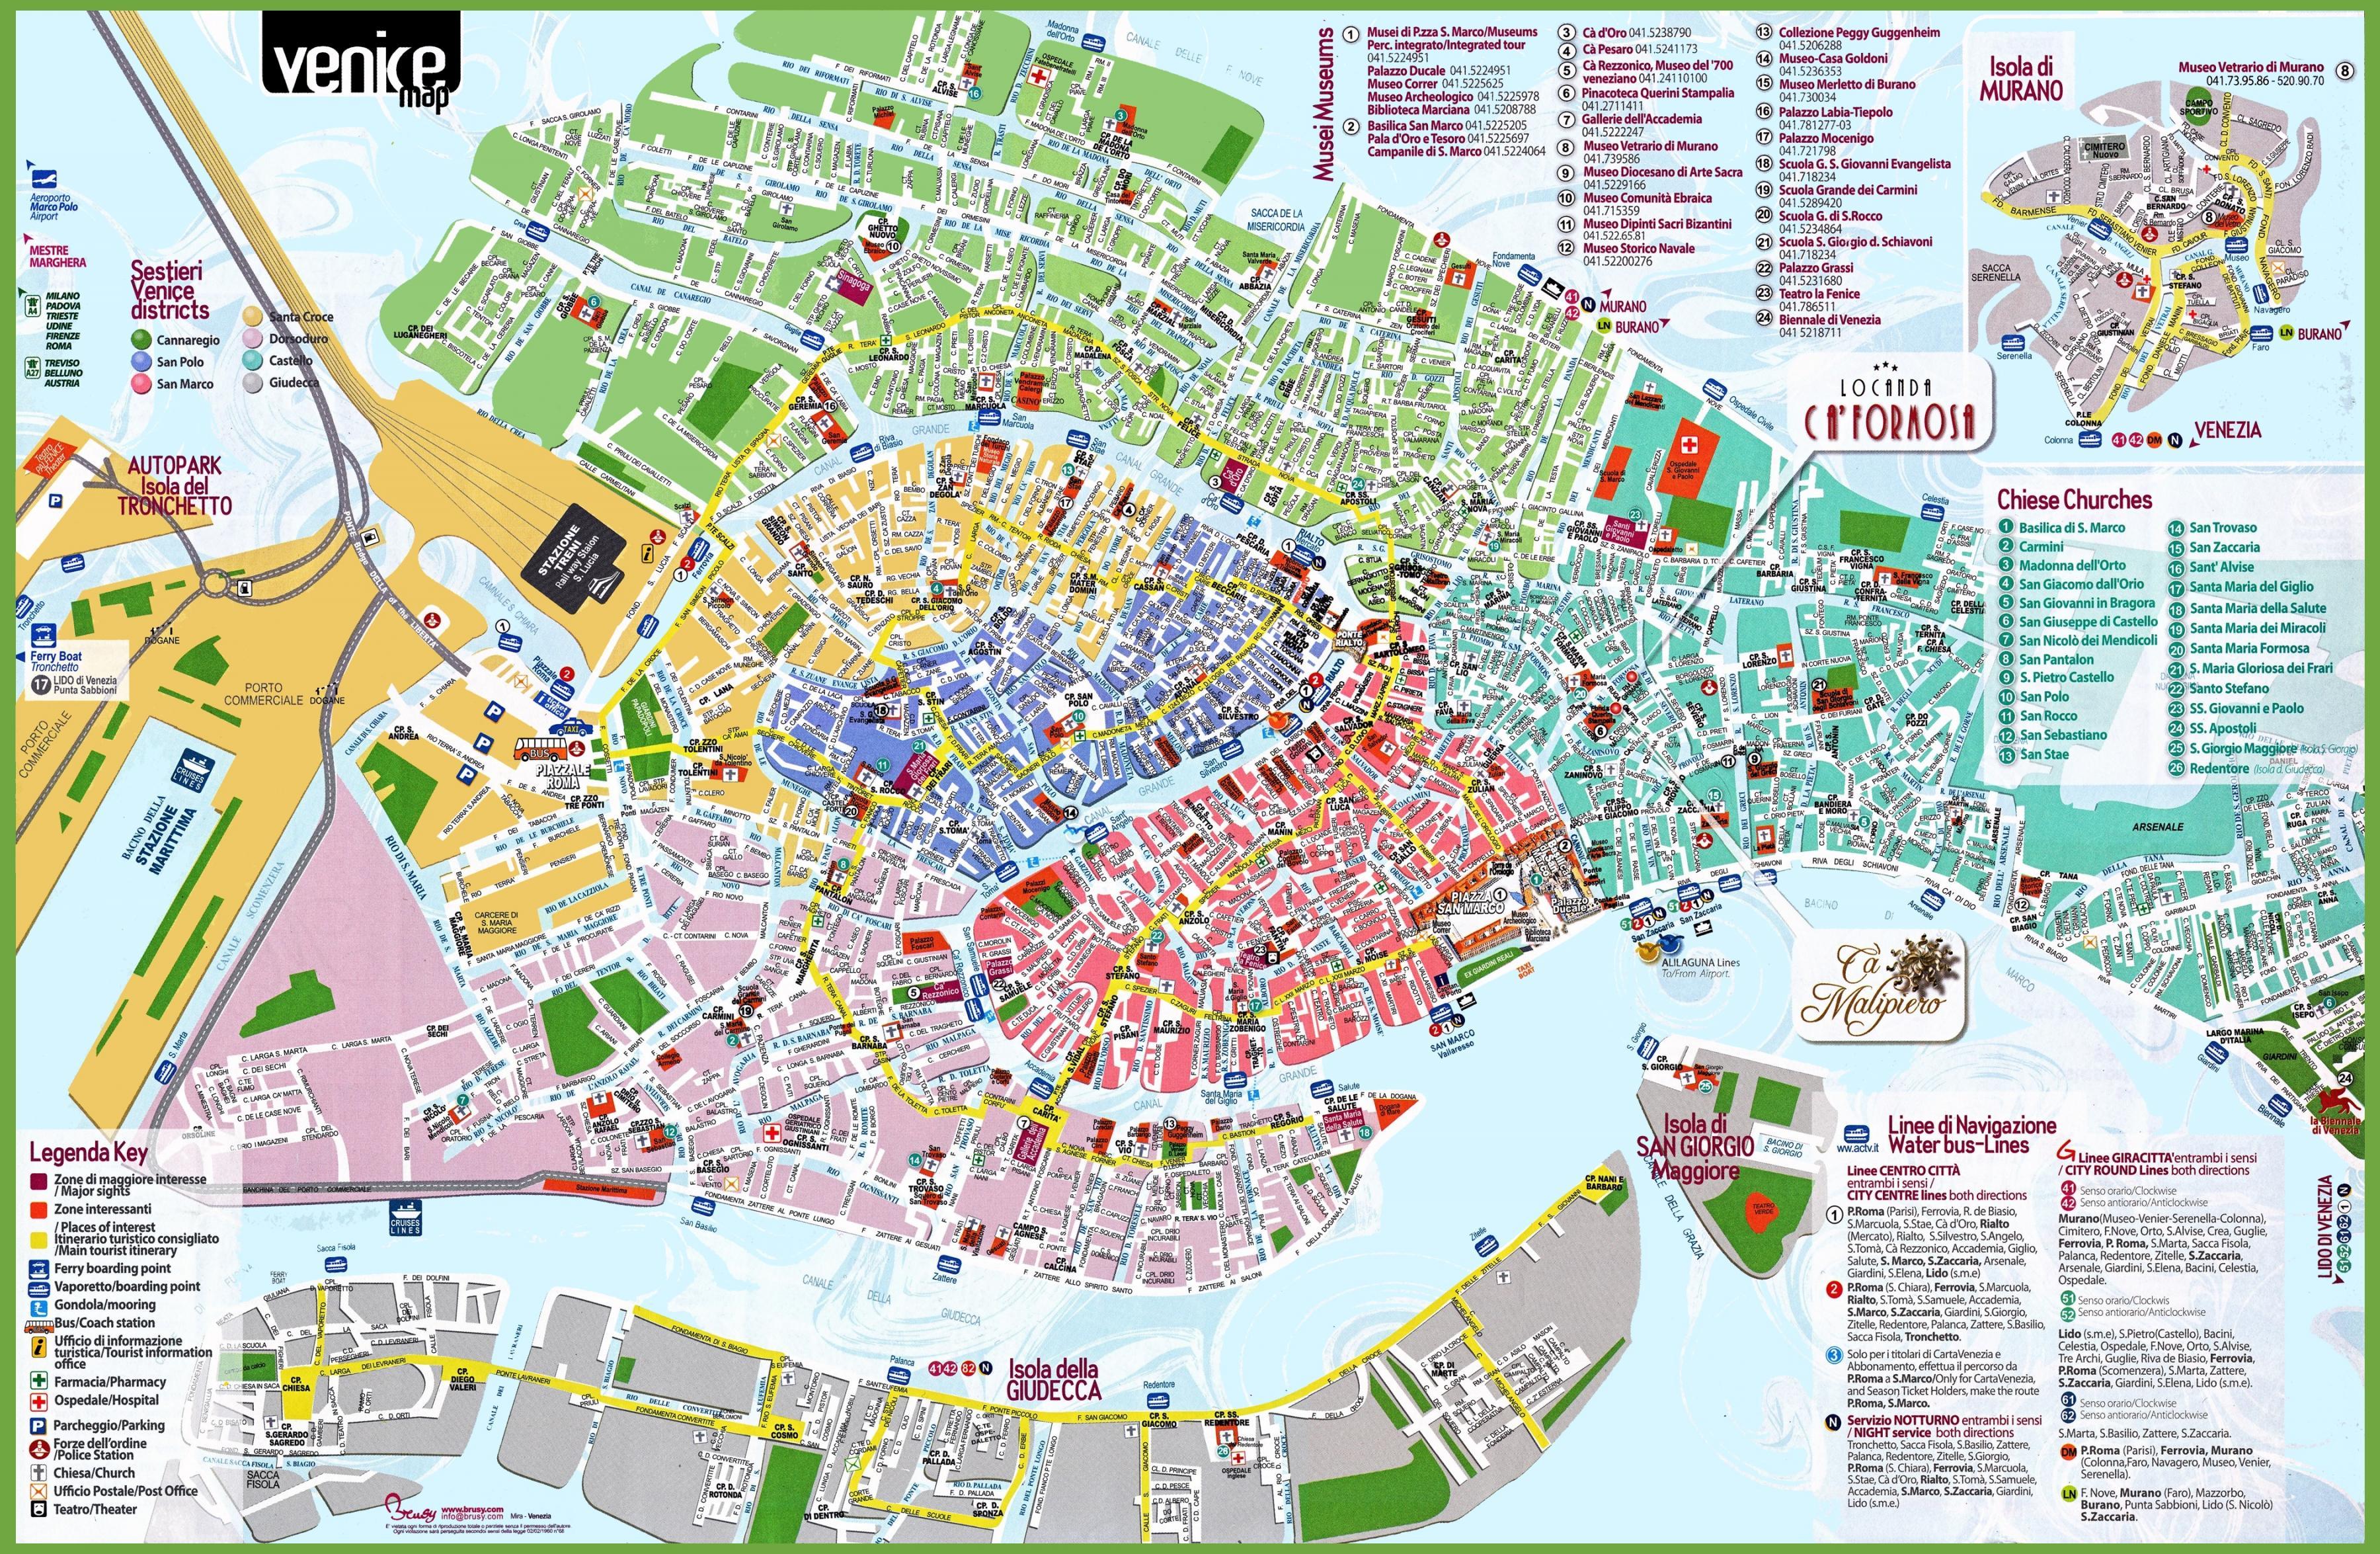 Venedig Sites Anzeigen Venedig Sehenswurdigkeiten Karte Italien